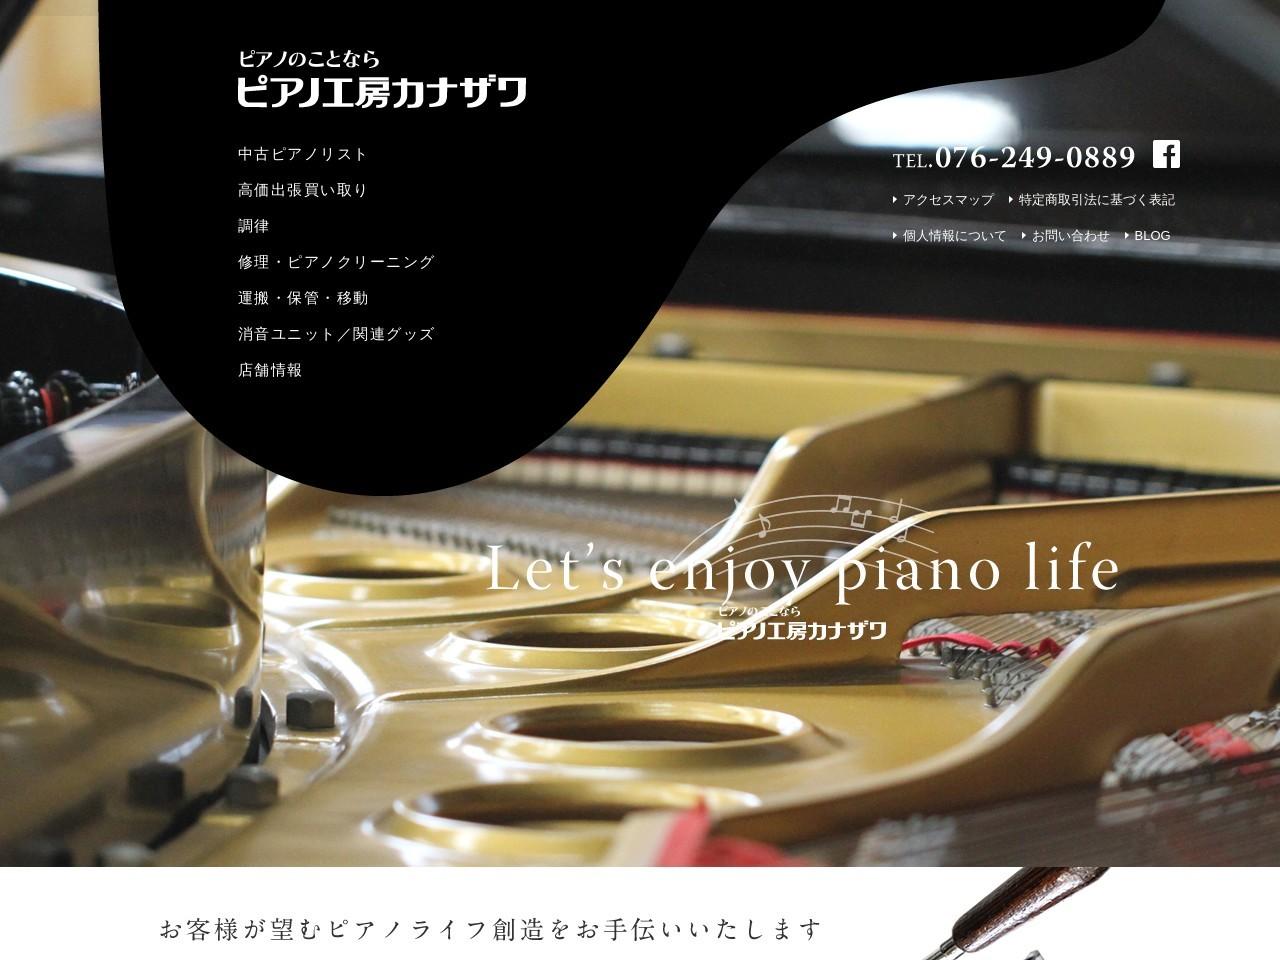 石川県金沢市のピアノ修理・調律・中古ピアノの出張買取 | ピアノ工房カナザワ(金沢)